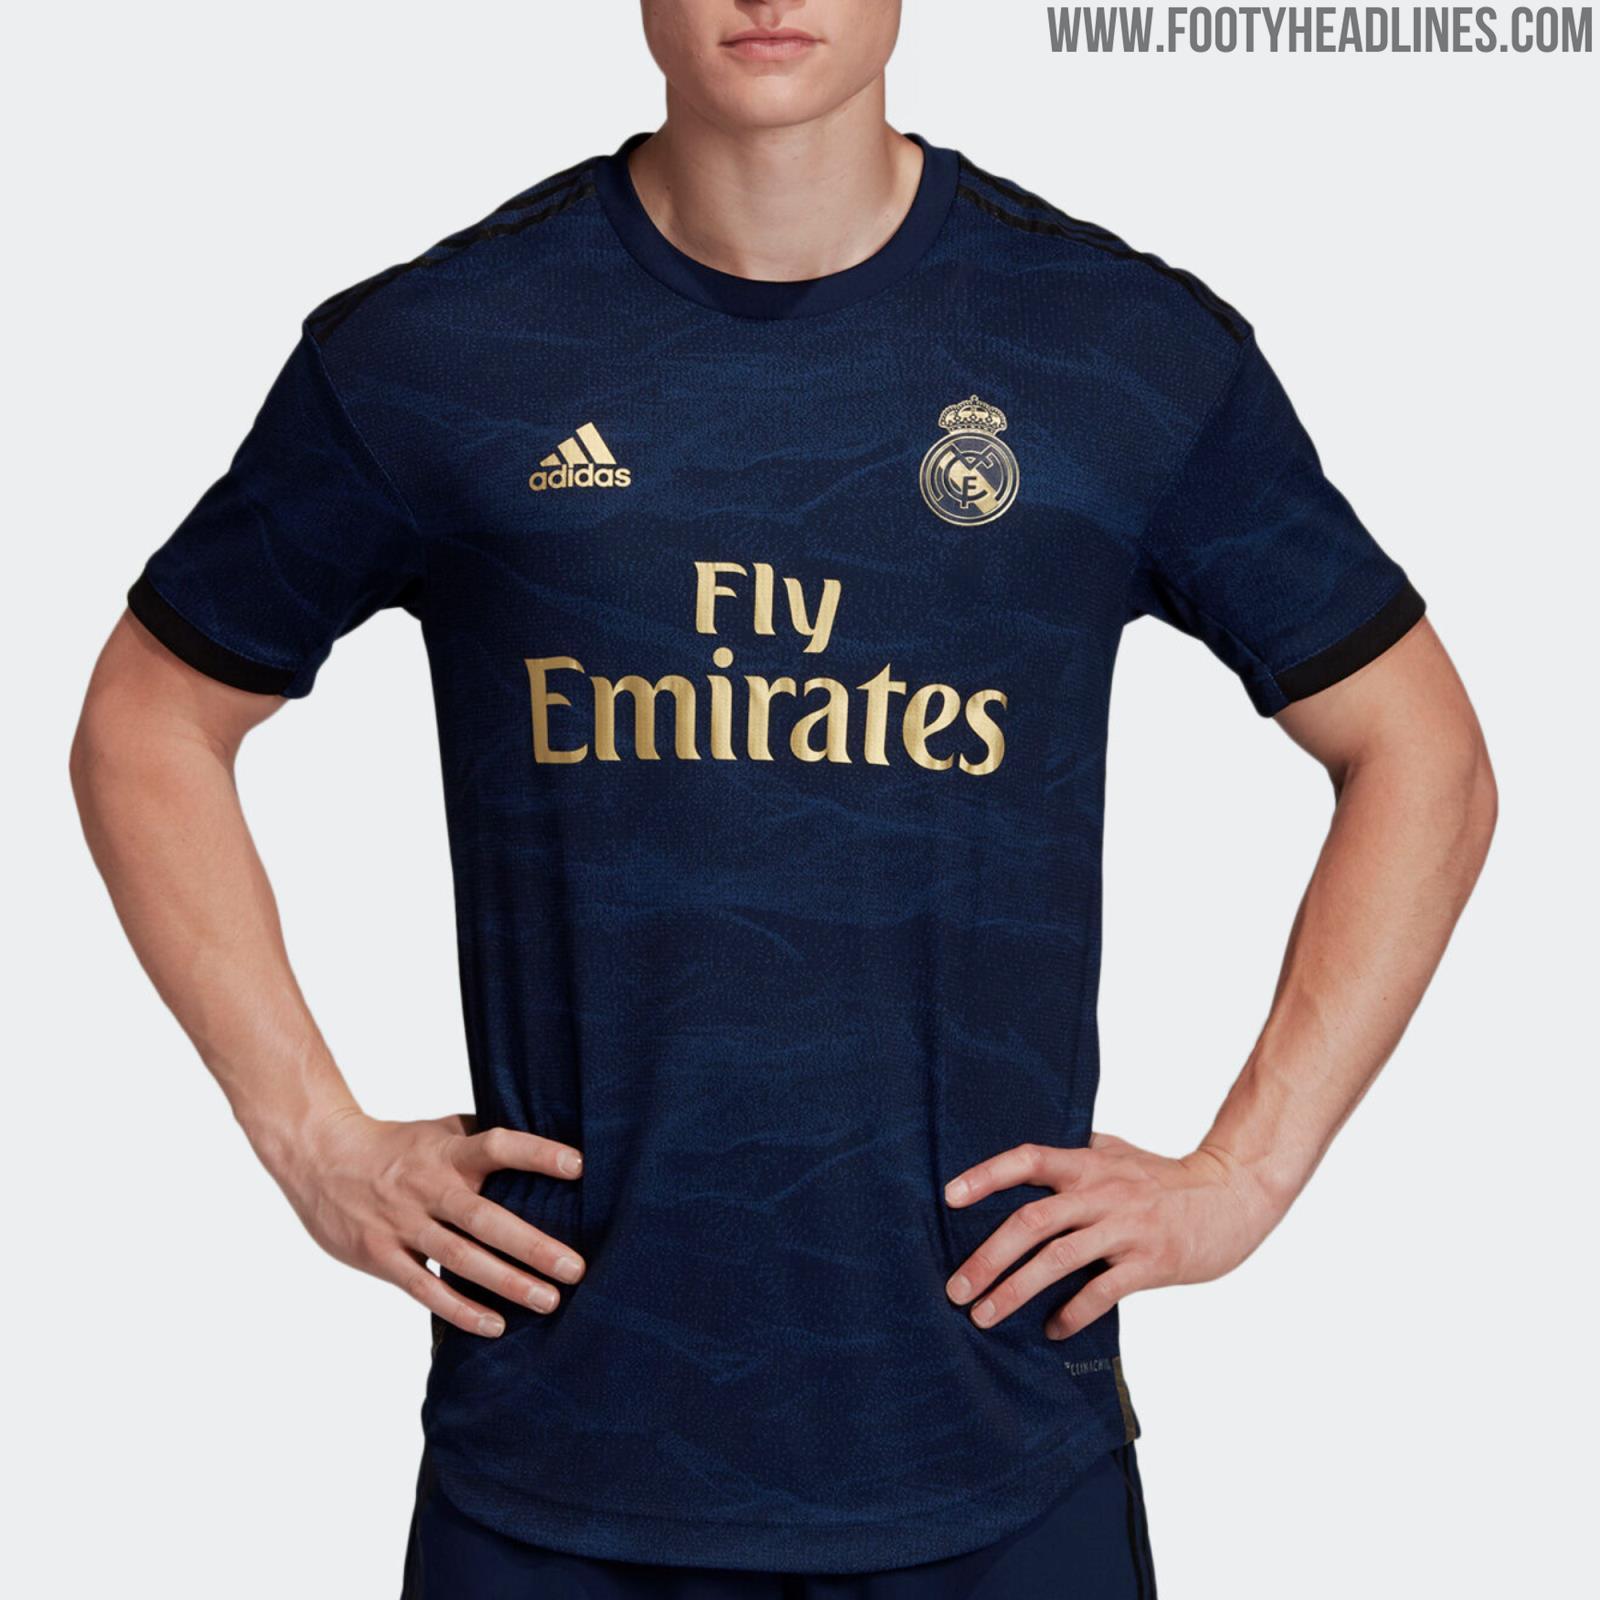 Real Madrid 19-20 Away Kit Released - Footy Headlines